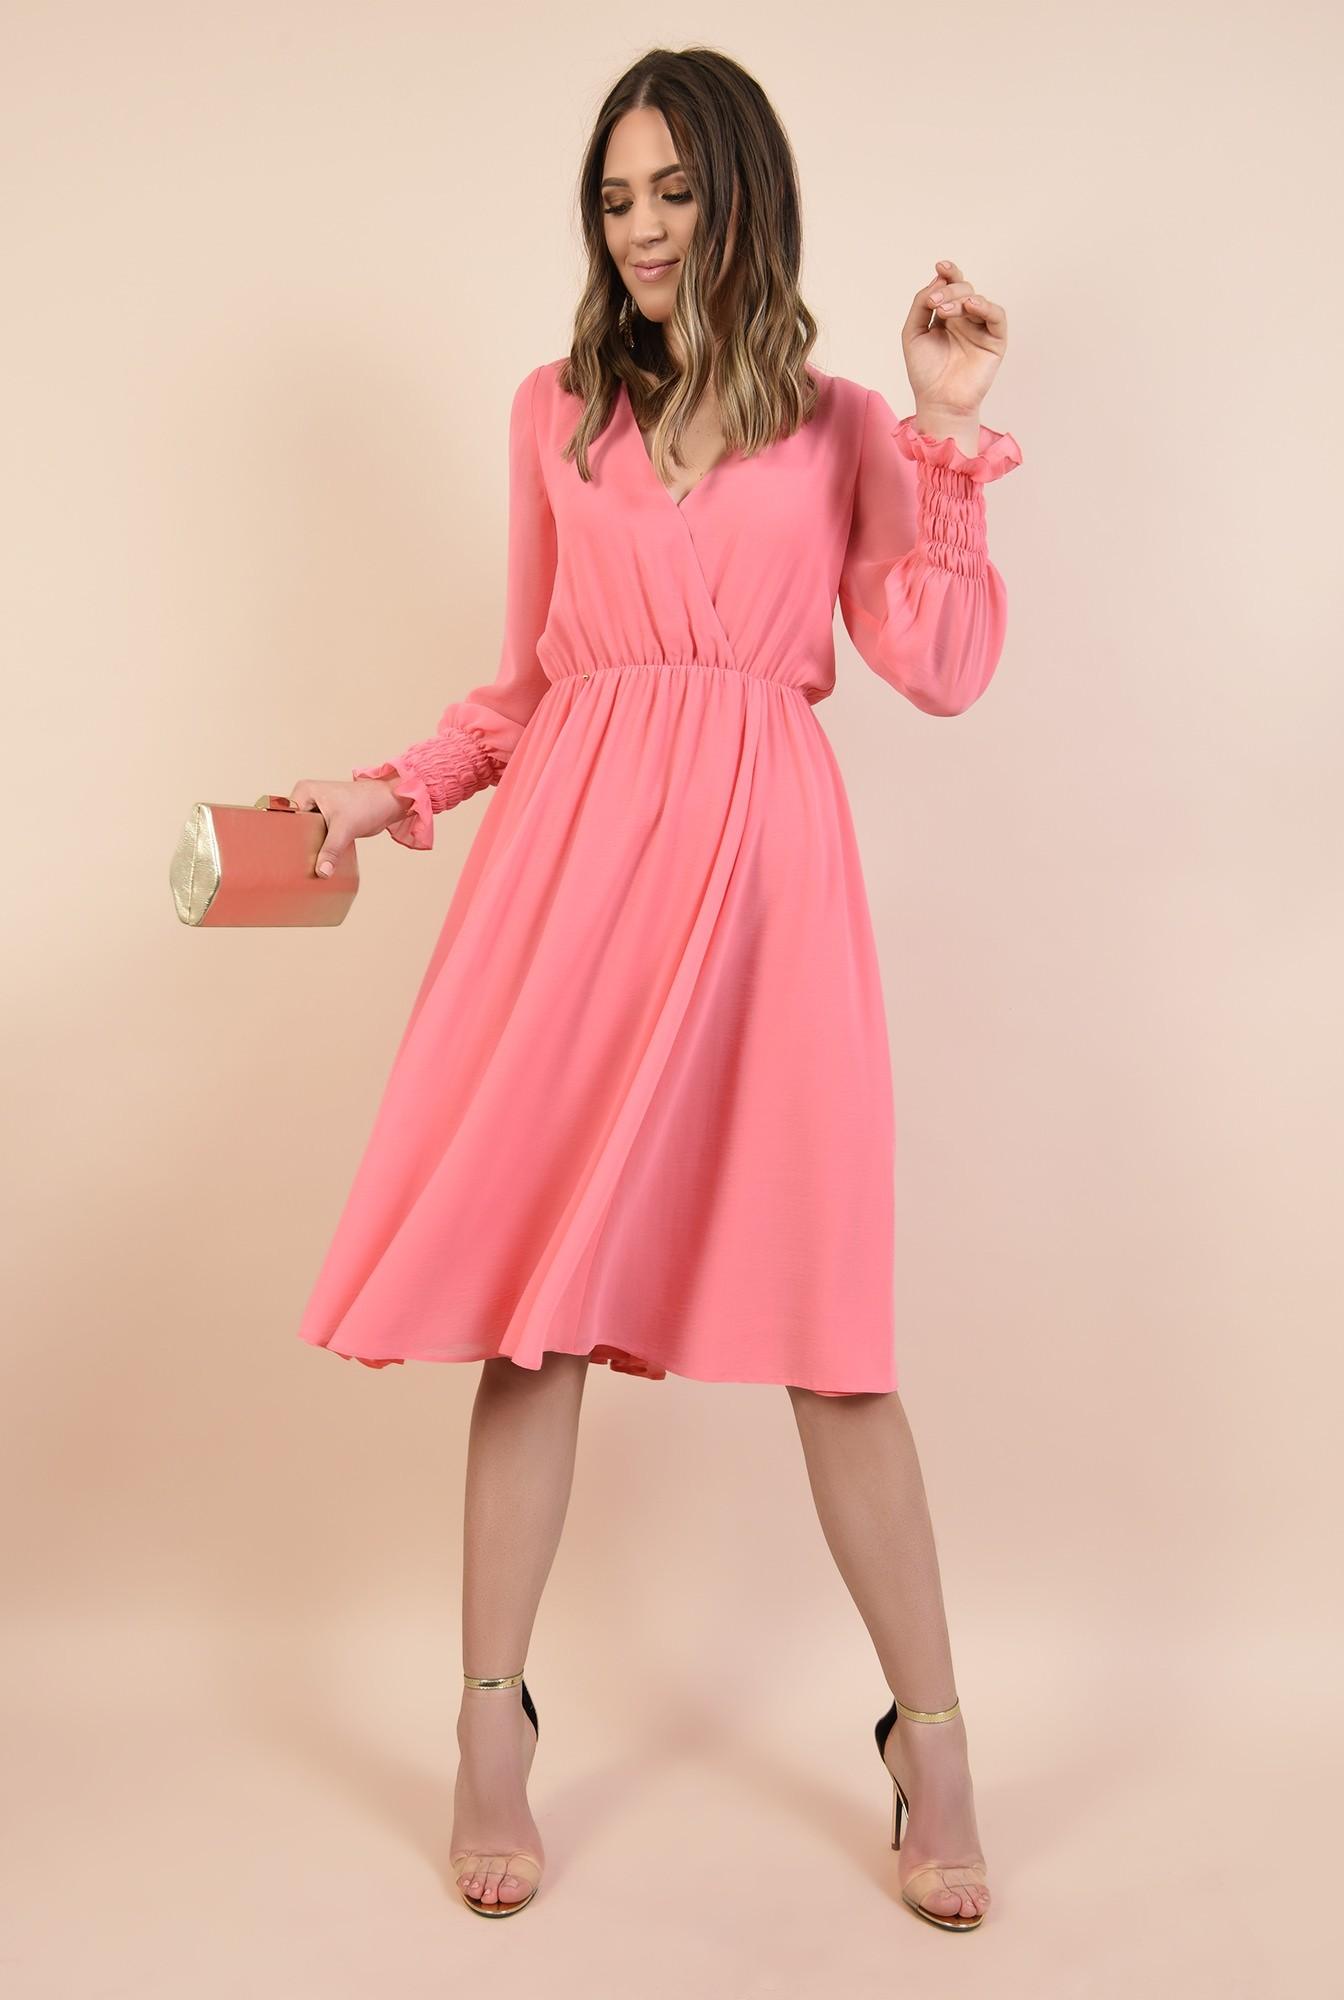 3 - 360 - rochie roz, midi, evazata, maneci lungi cu mansete elastice, Poema